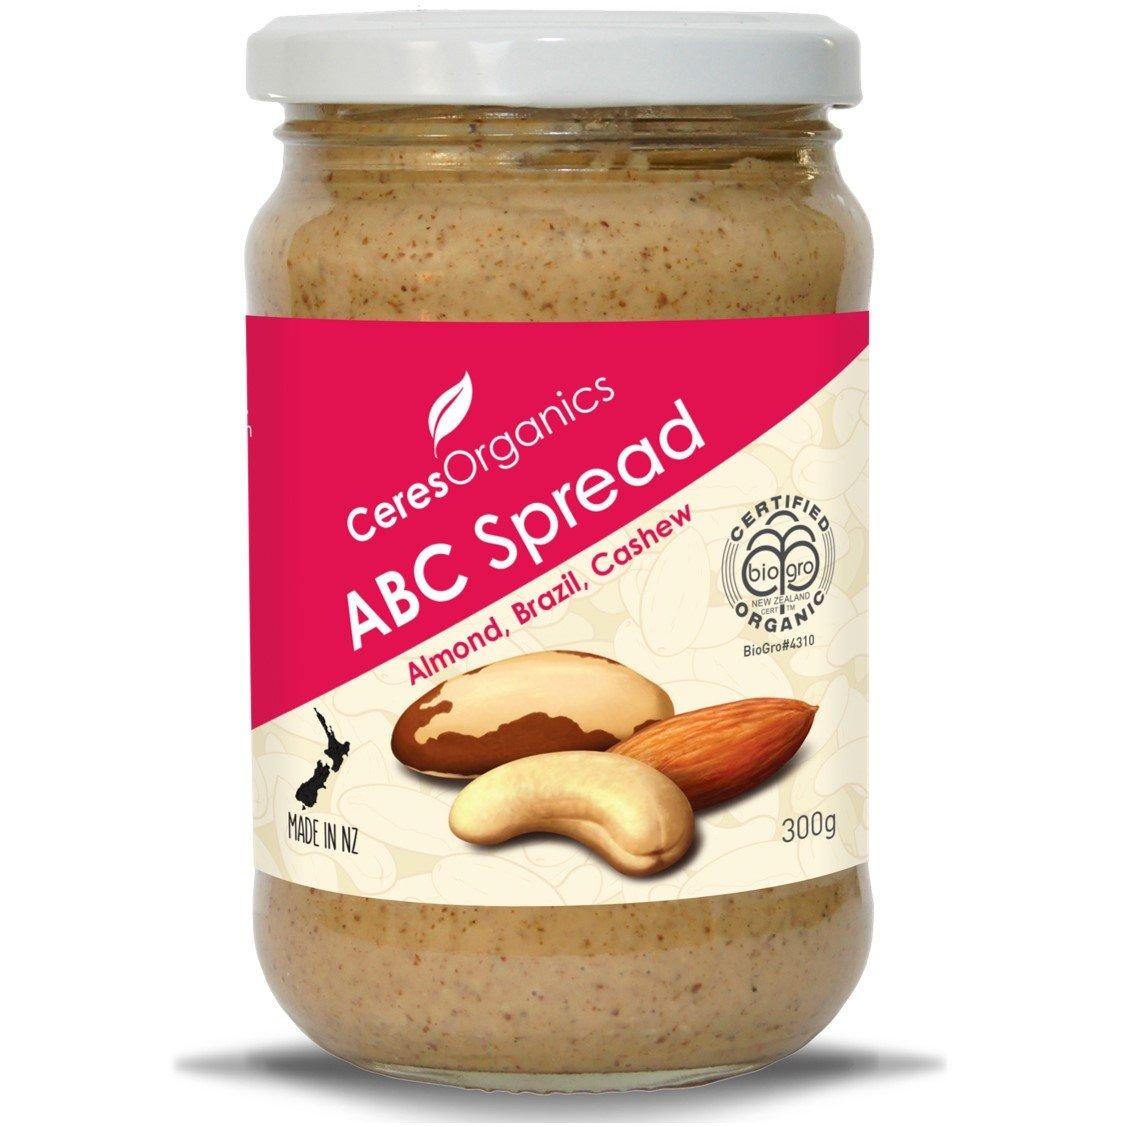 Ceres Organics ABC Butter (Almond, Brazil, Cashew), 300 g